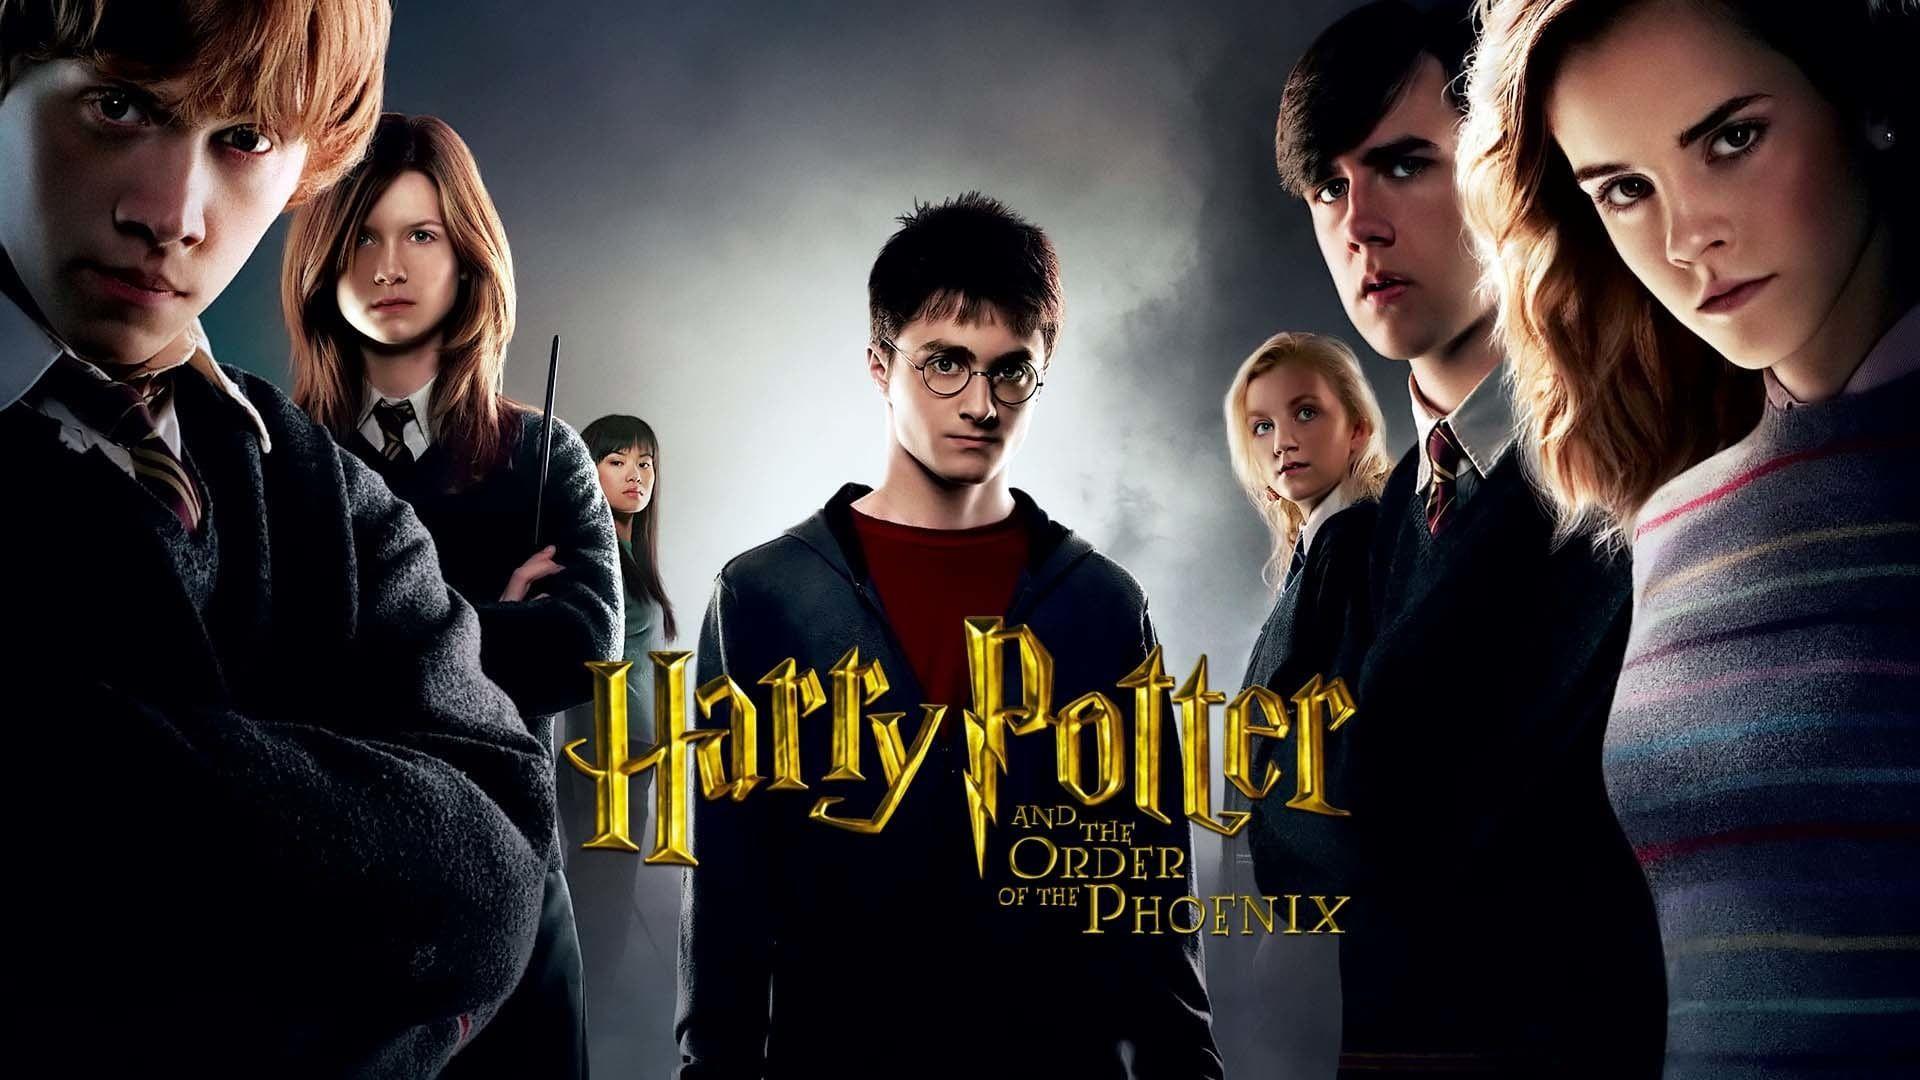 Harry Potter Und Der Orden Des Phonix 2007 Ganzer Film Deutsch Komplett Kino Nach Seinem Letzten Abente Harry Potter Full Movies Online Free Free Movies Online